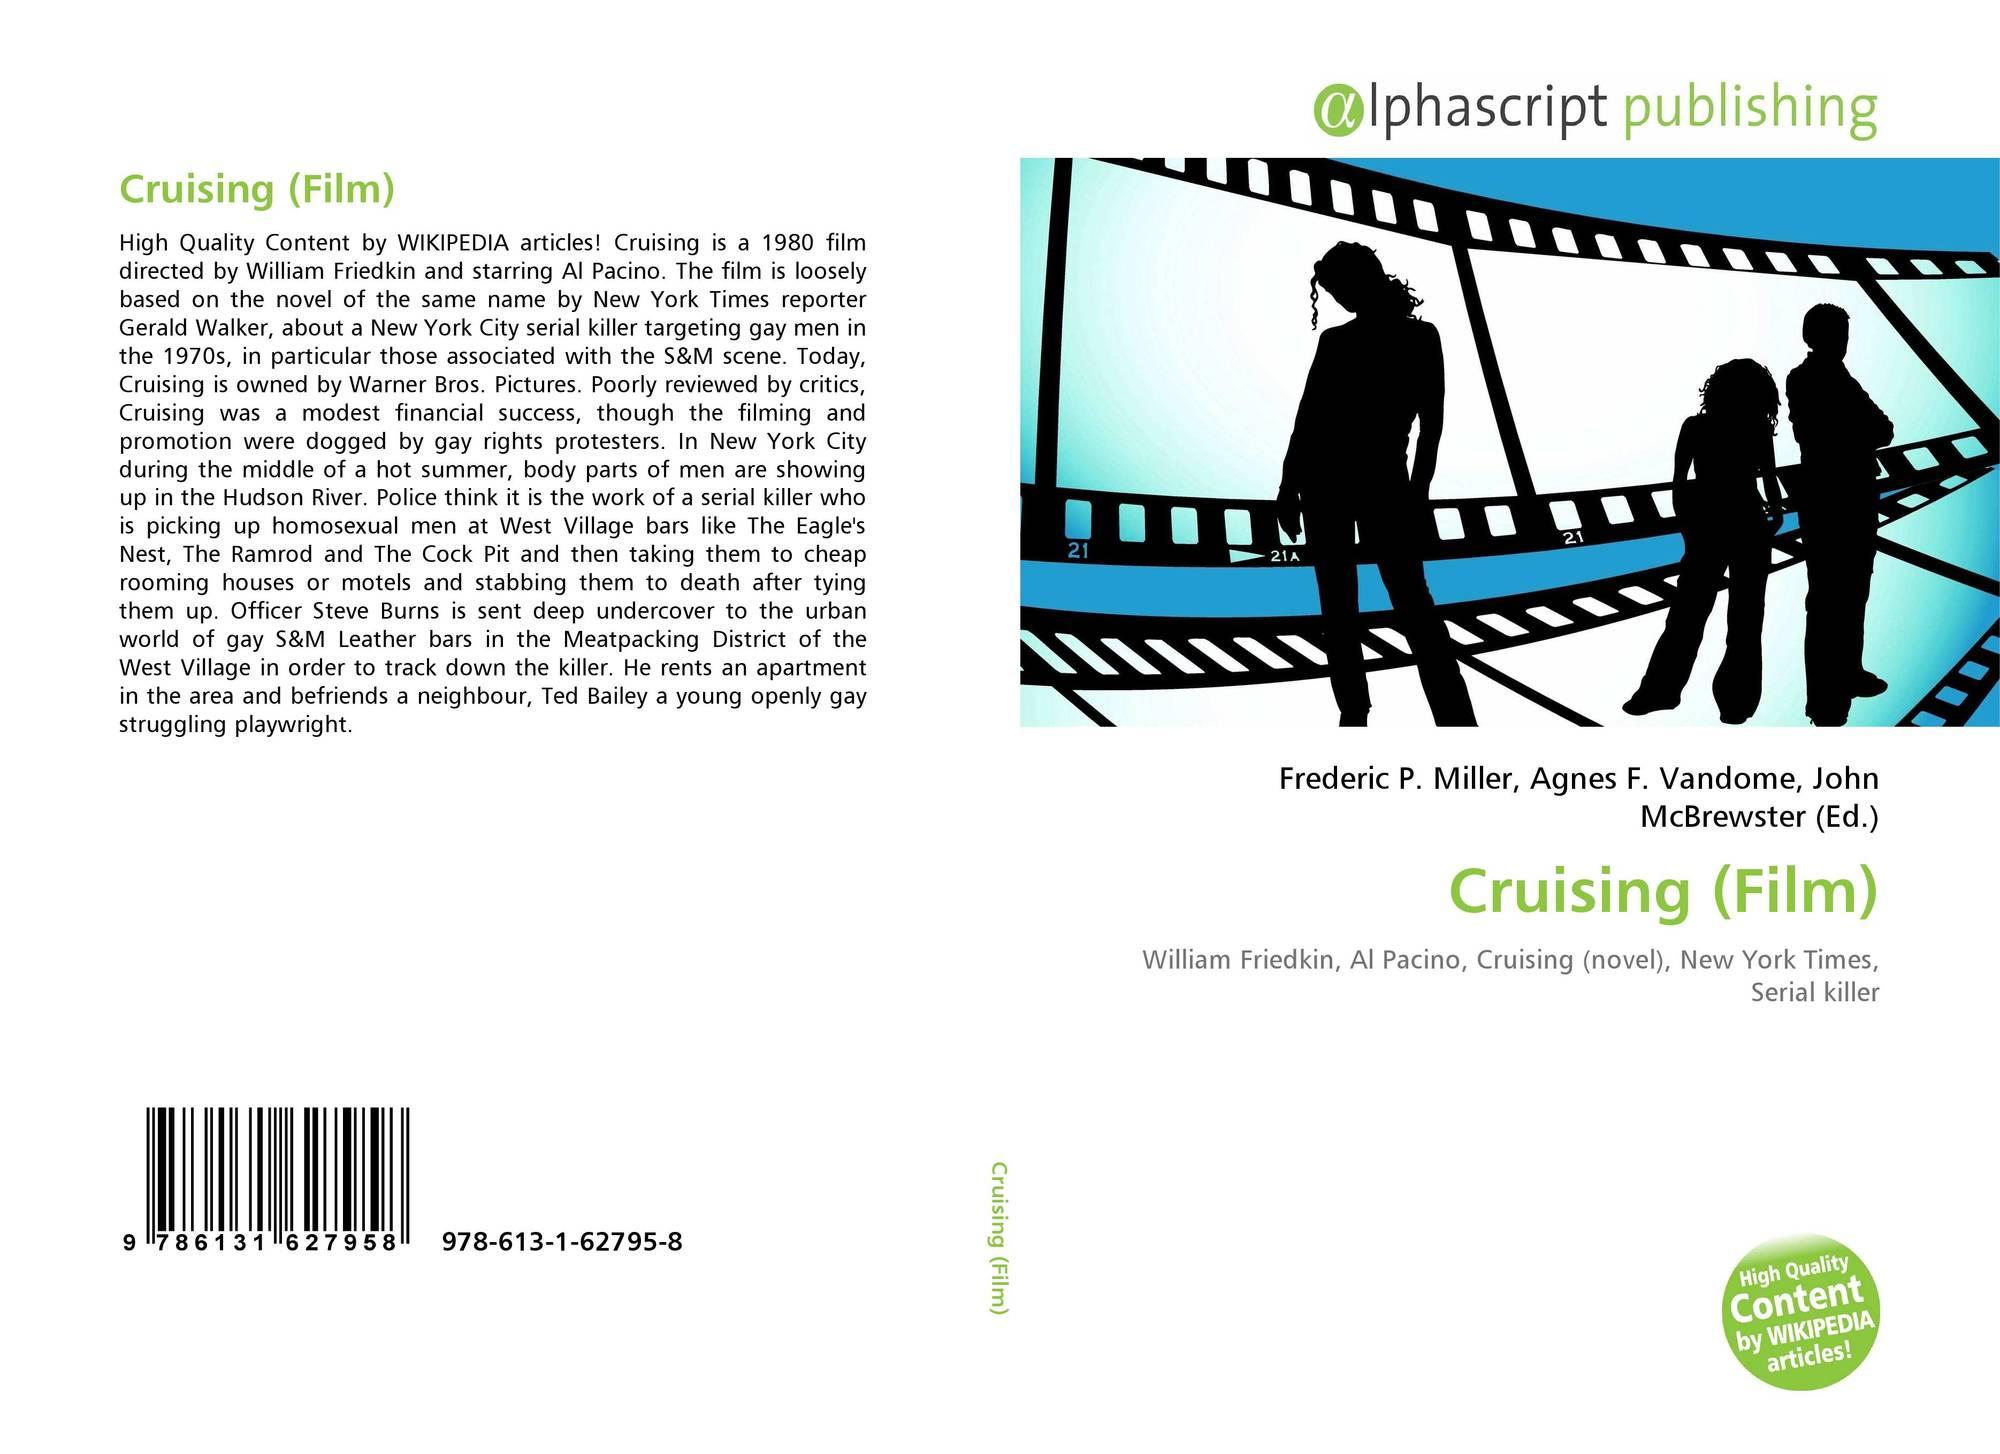 Cruising (Film), 978-613-1-62795-8, 6131627959 ,9786131627958